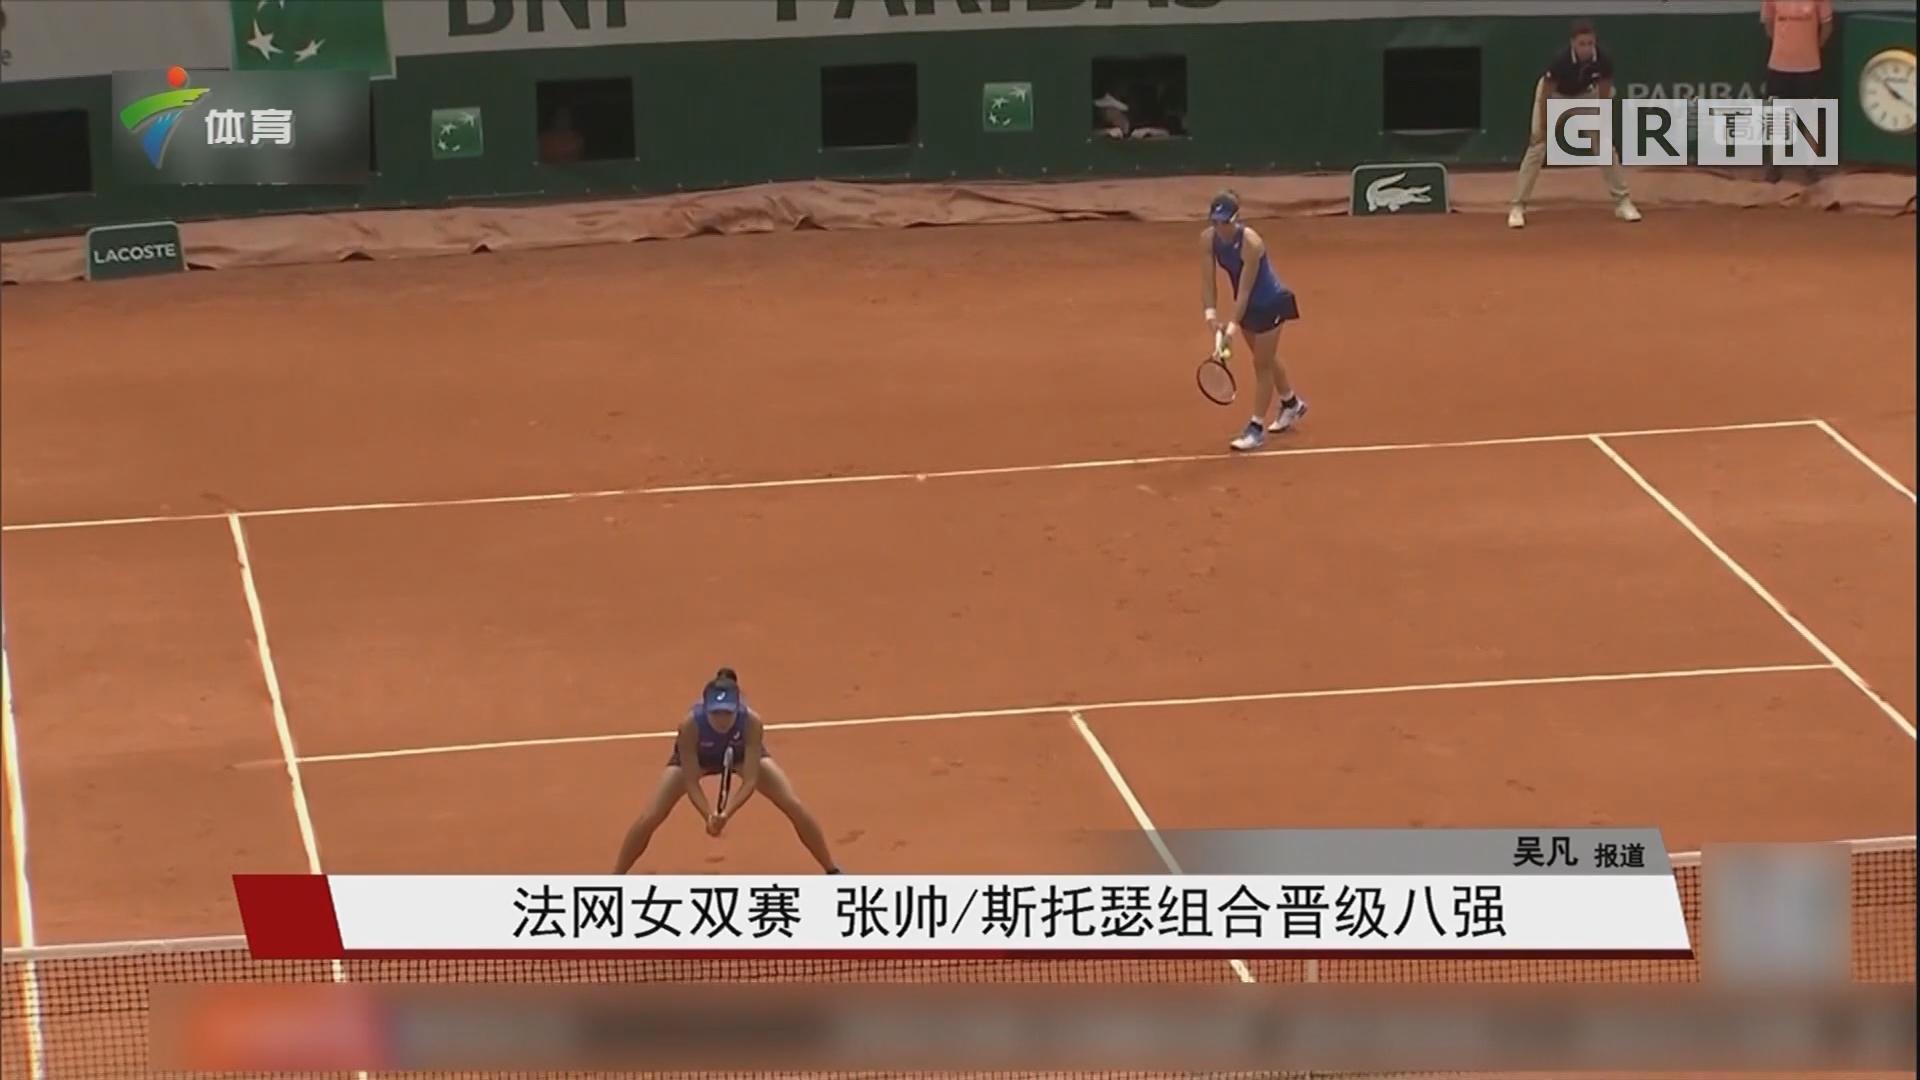 法网女双赛 张帅/斯托瑟组合晋级八强